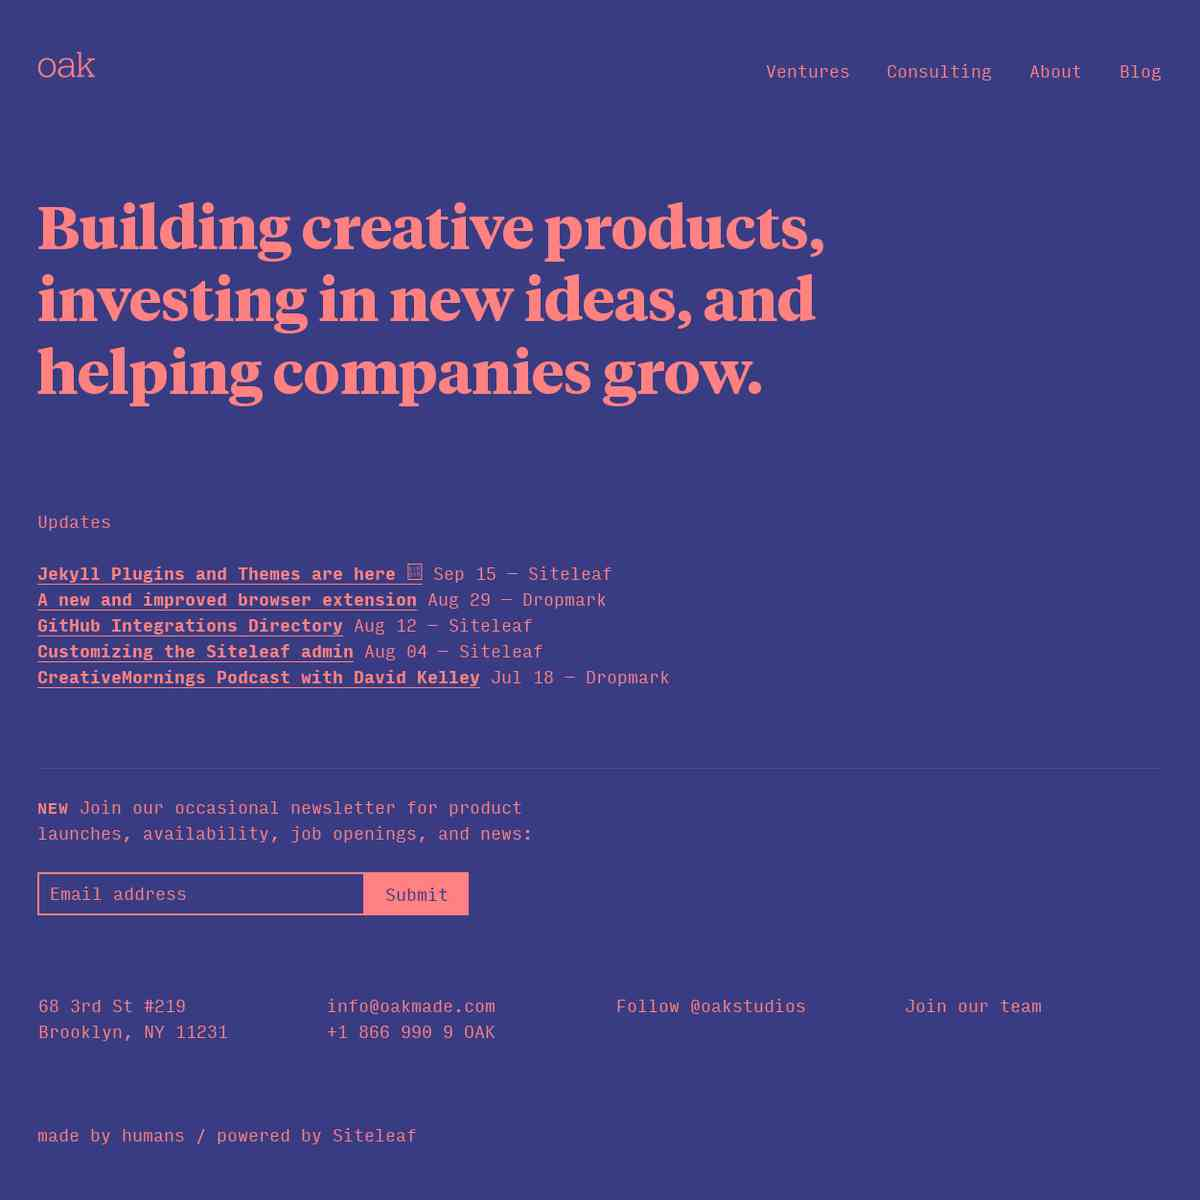 oakmade.com